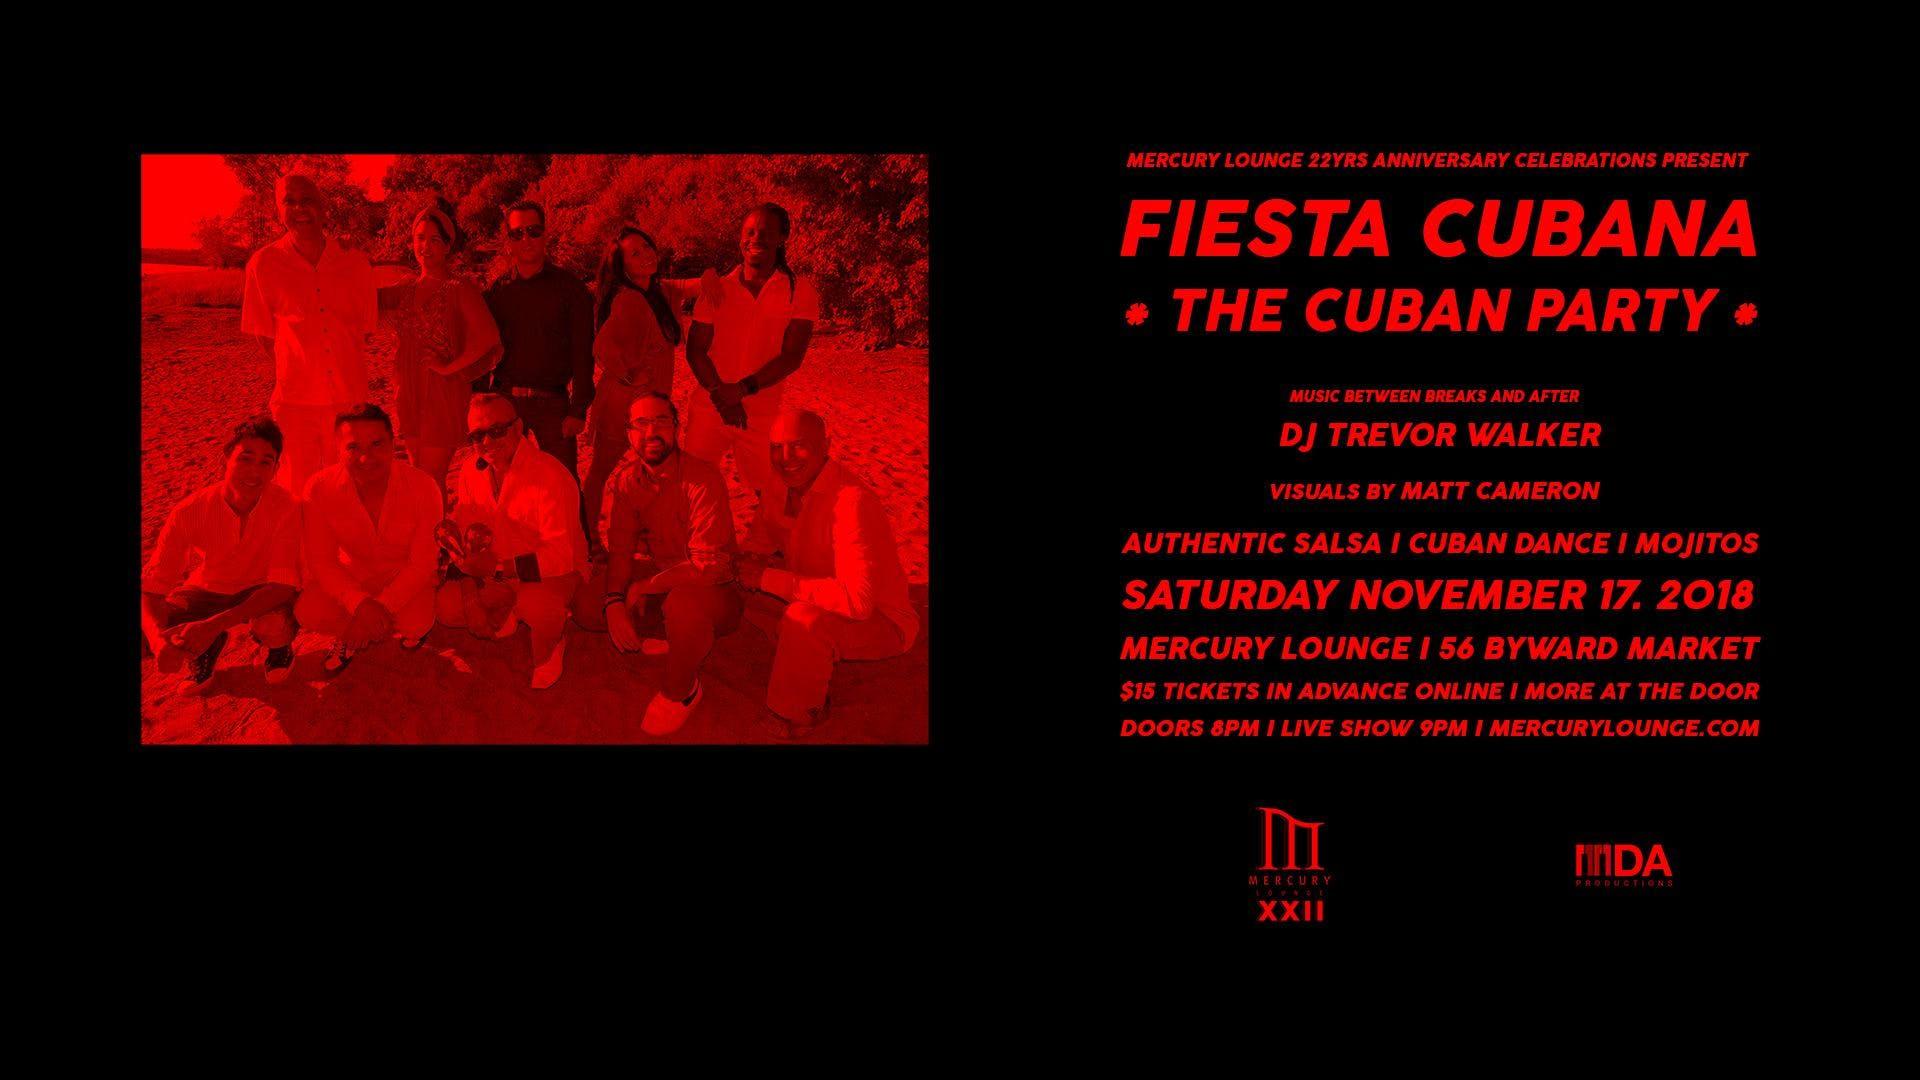 FIESTA CUBANA - THE CUBAN PARTY